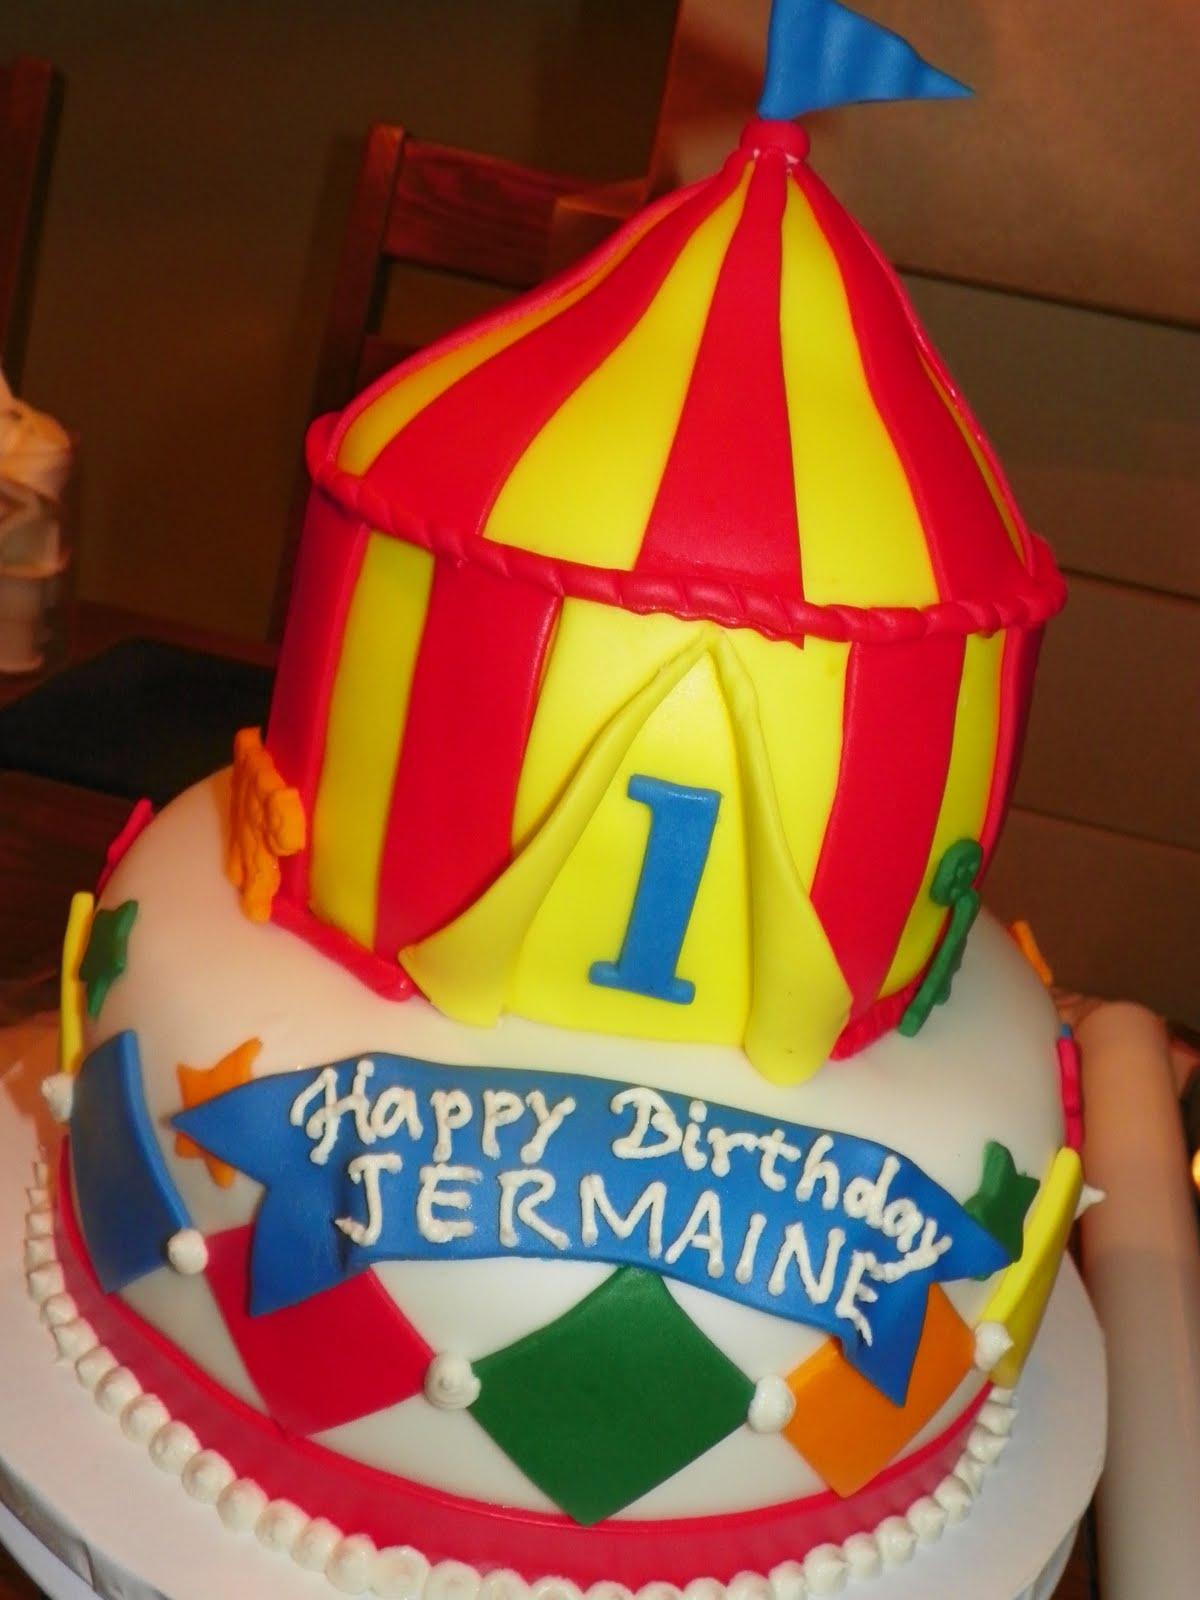 Circus Tent Birthday Cake u0026 Cupcakes & Plumeria Cake Studio: January 2011